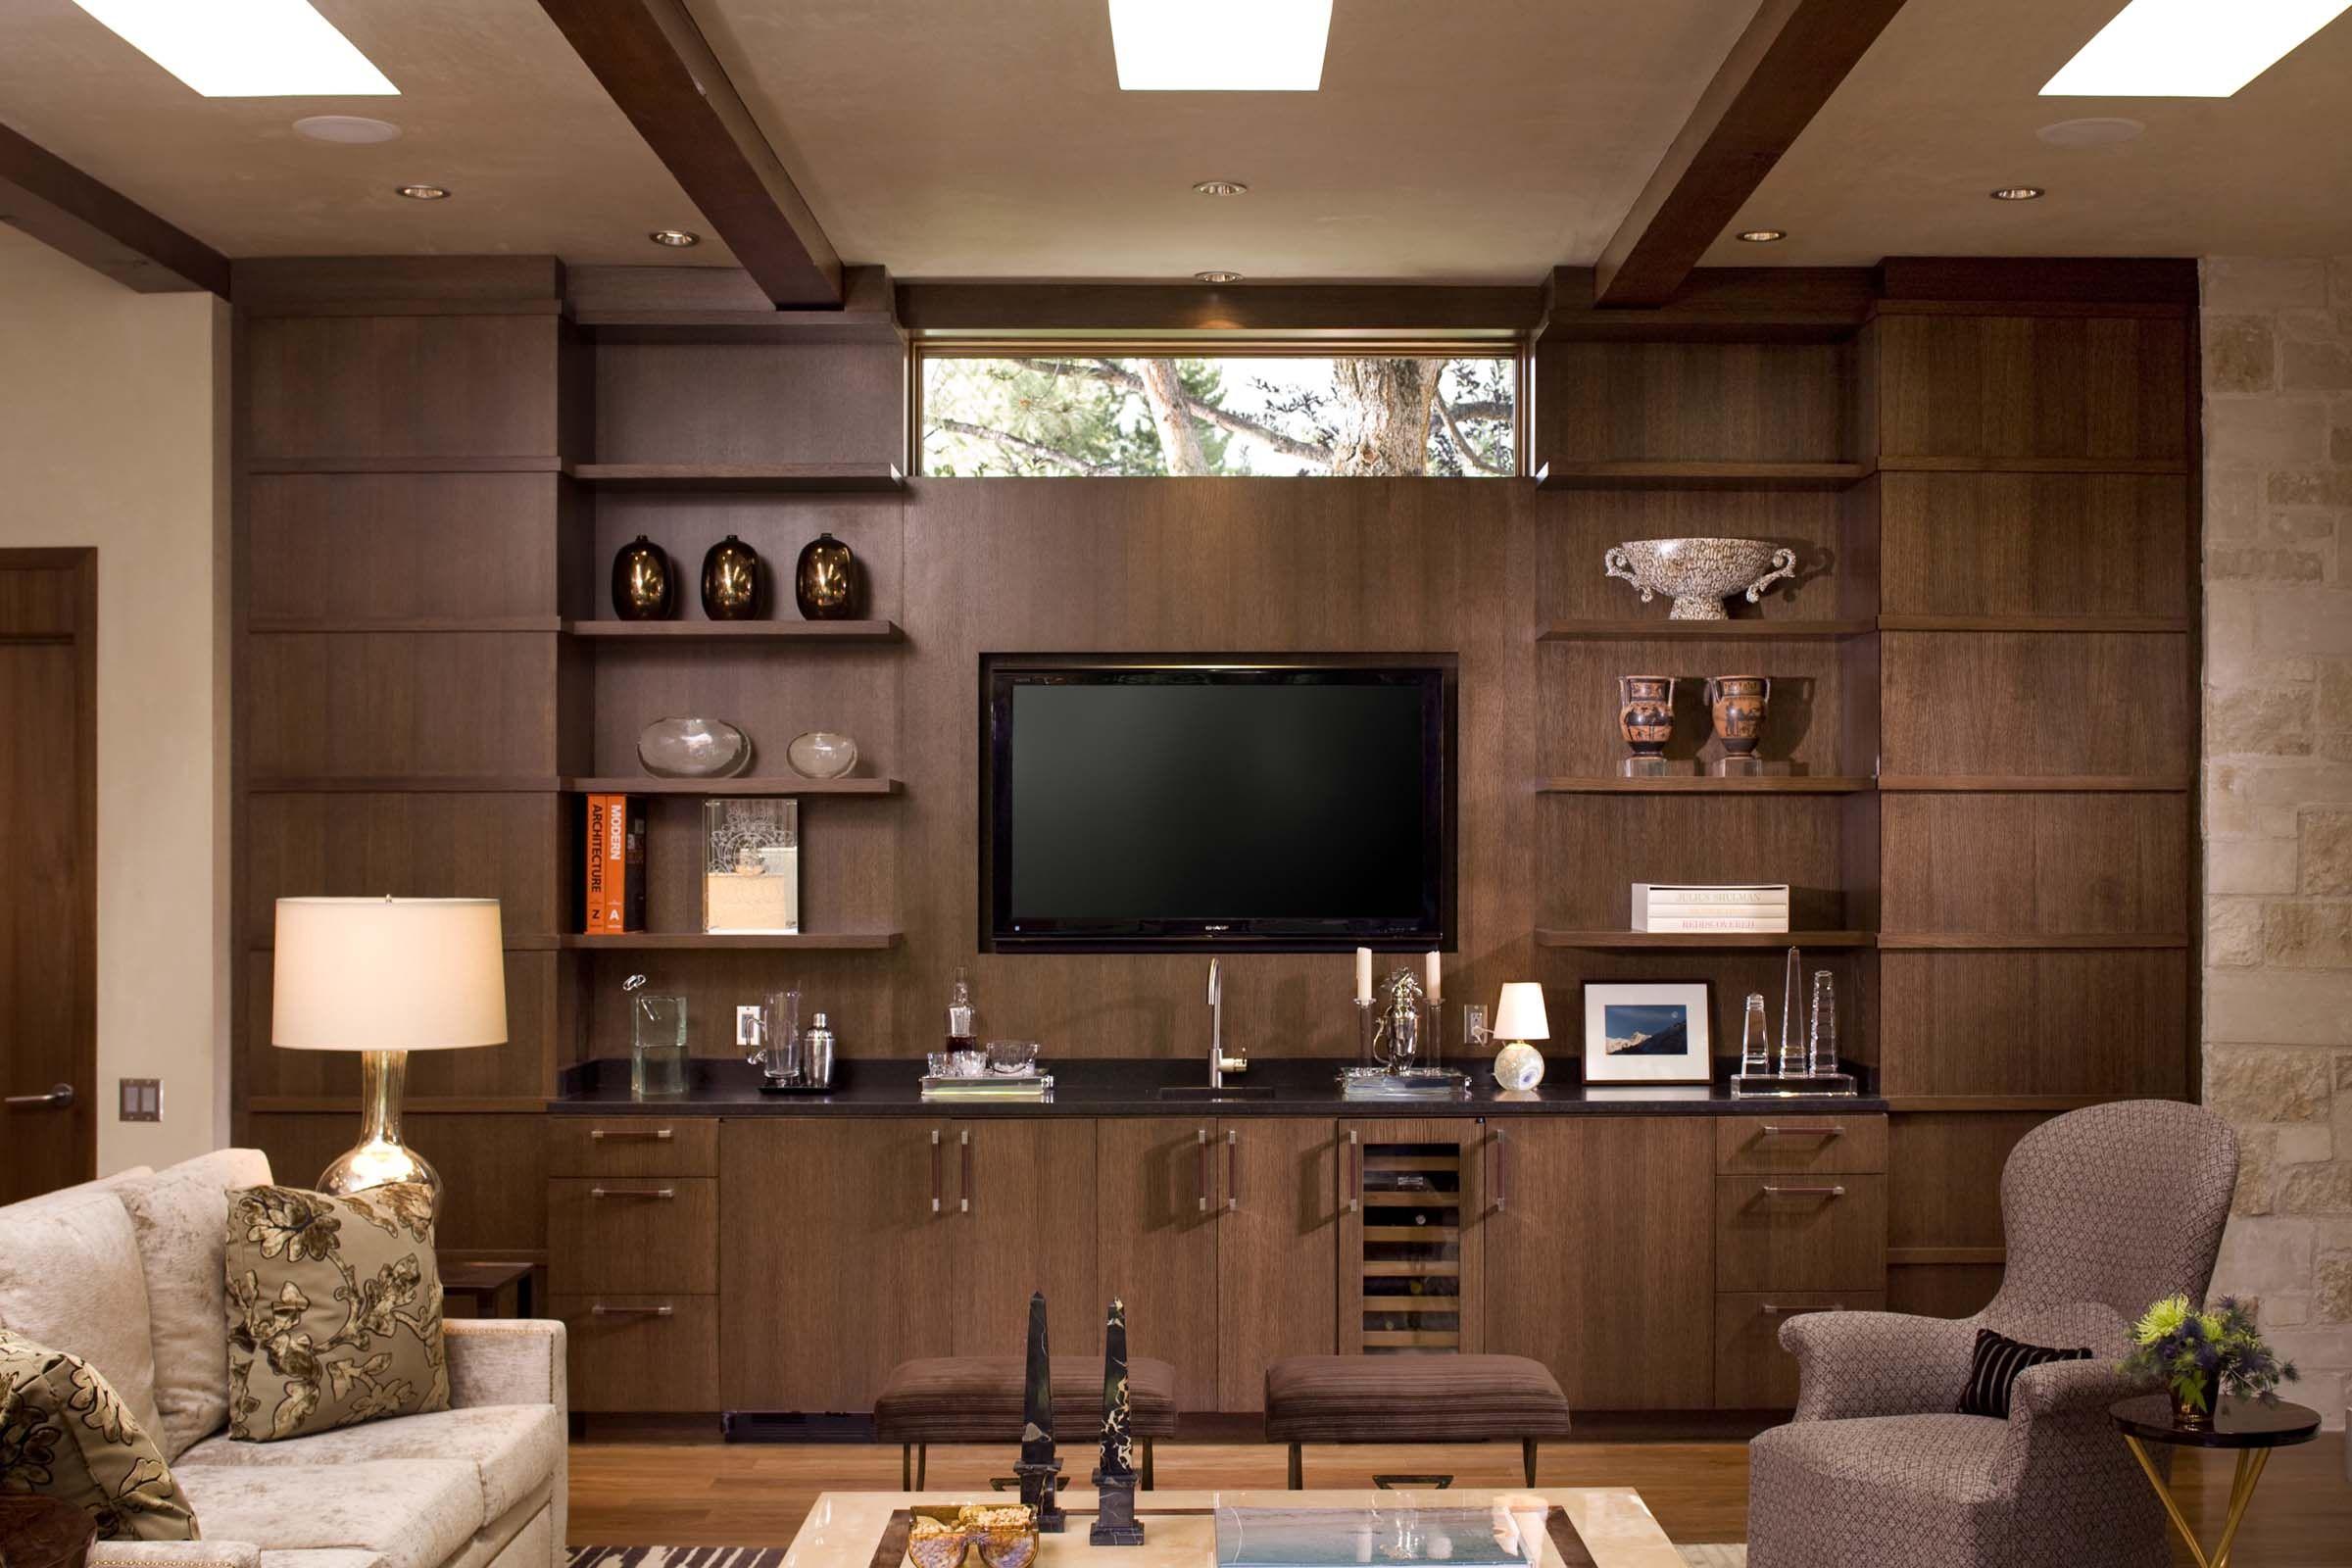 Living Room Cabinet Design Ideas Hogyan Használhatod Ki Kis Méretű Nappalid Maximálisan  Home